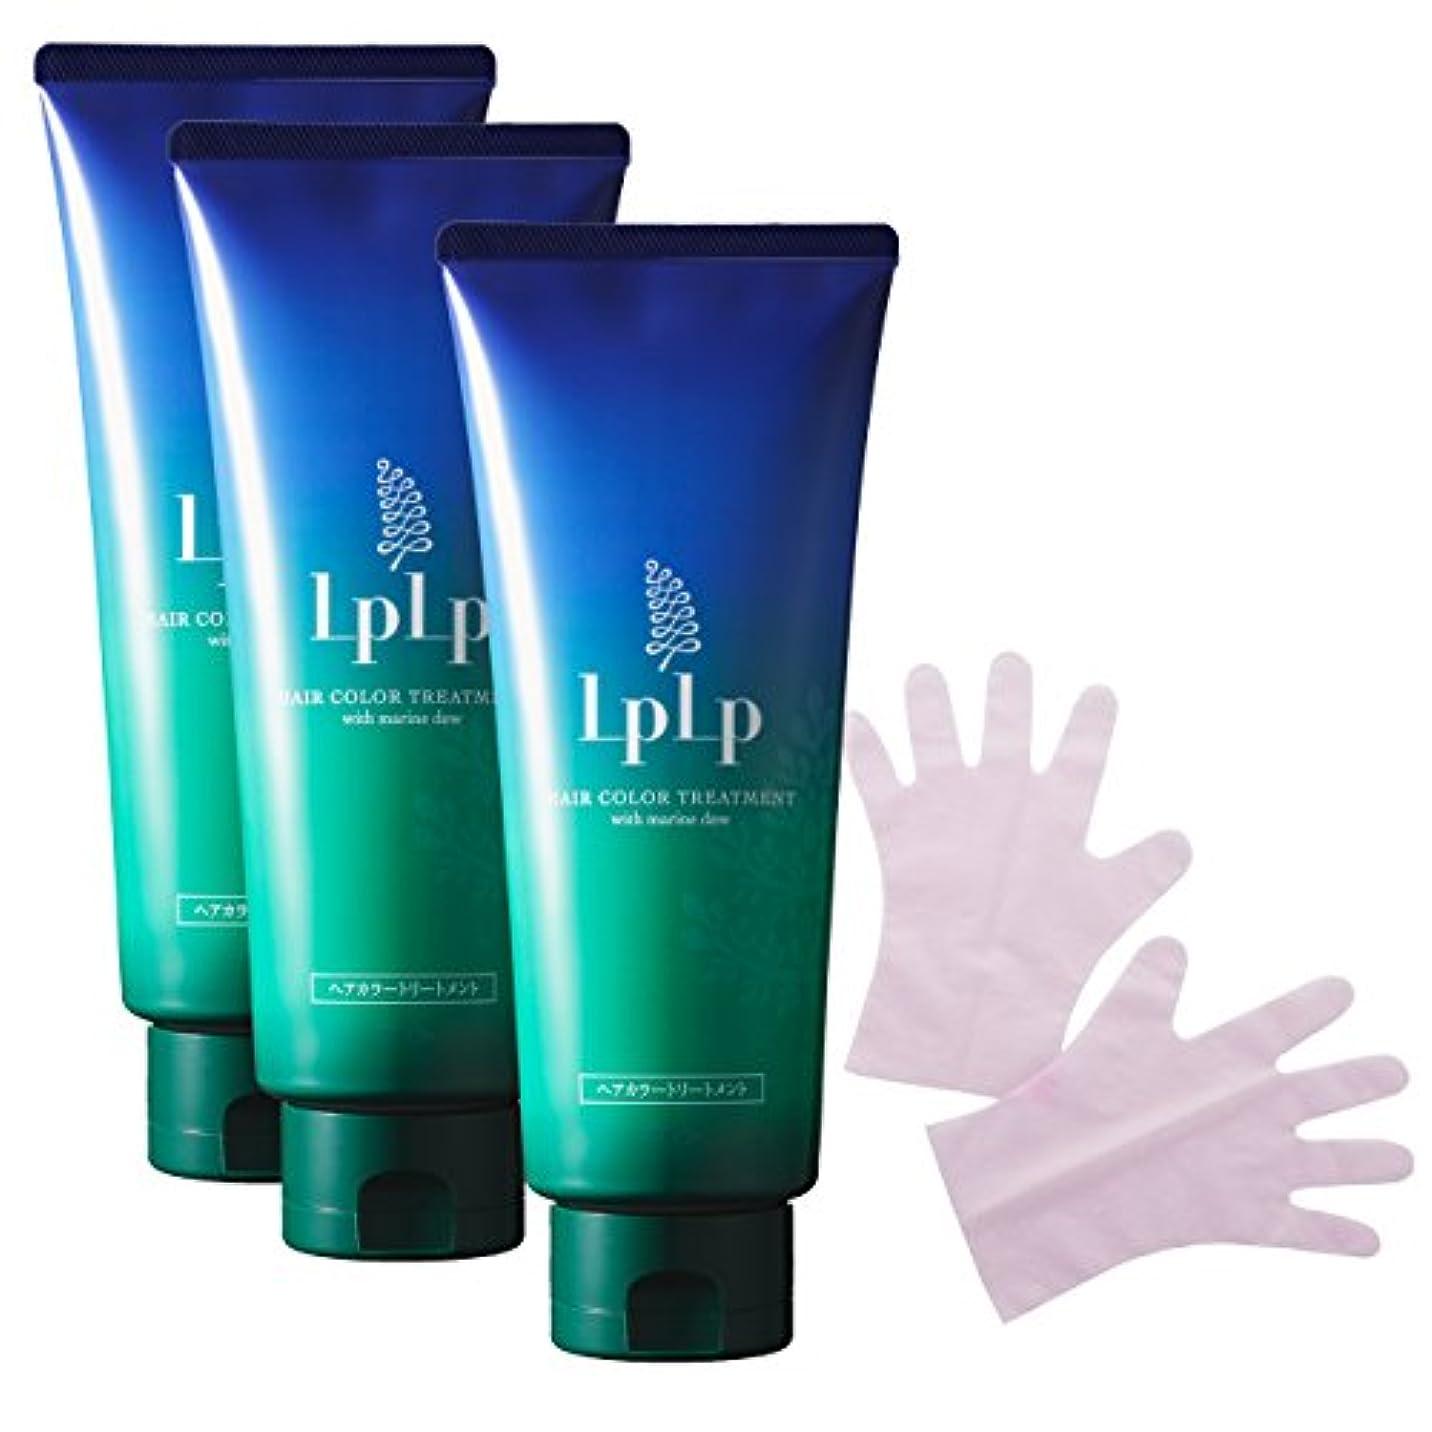 リズミカルなピル宇宙のLPLP(ルプルプ) ヘアカラートリートメント3本&手袋セット <モカブラウン>